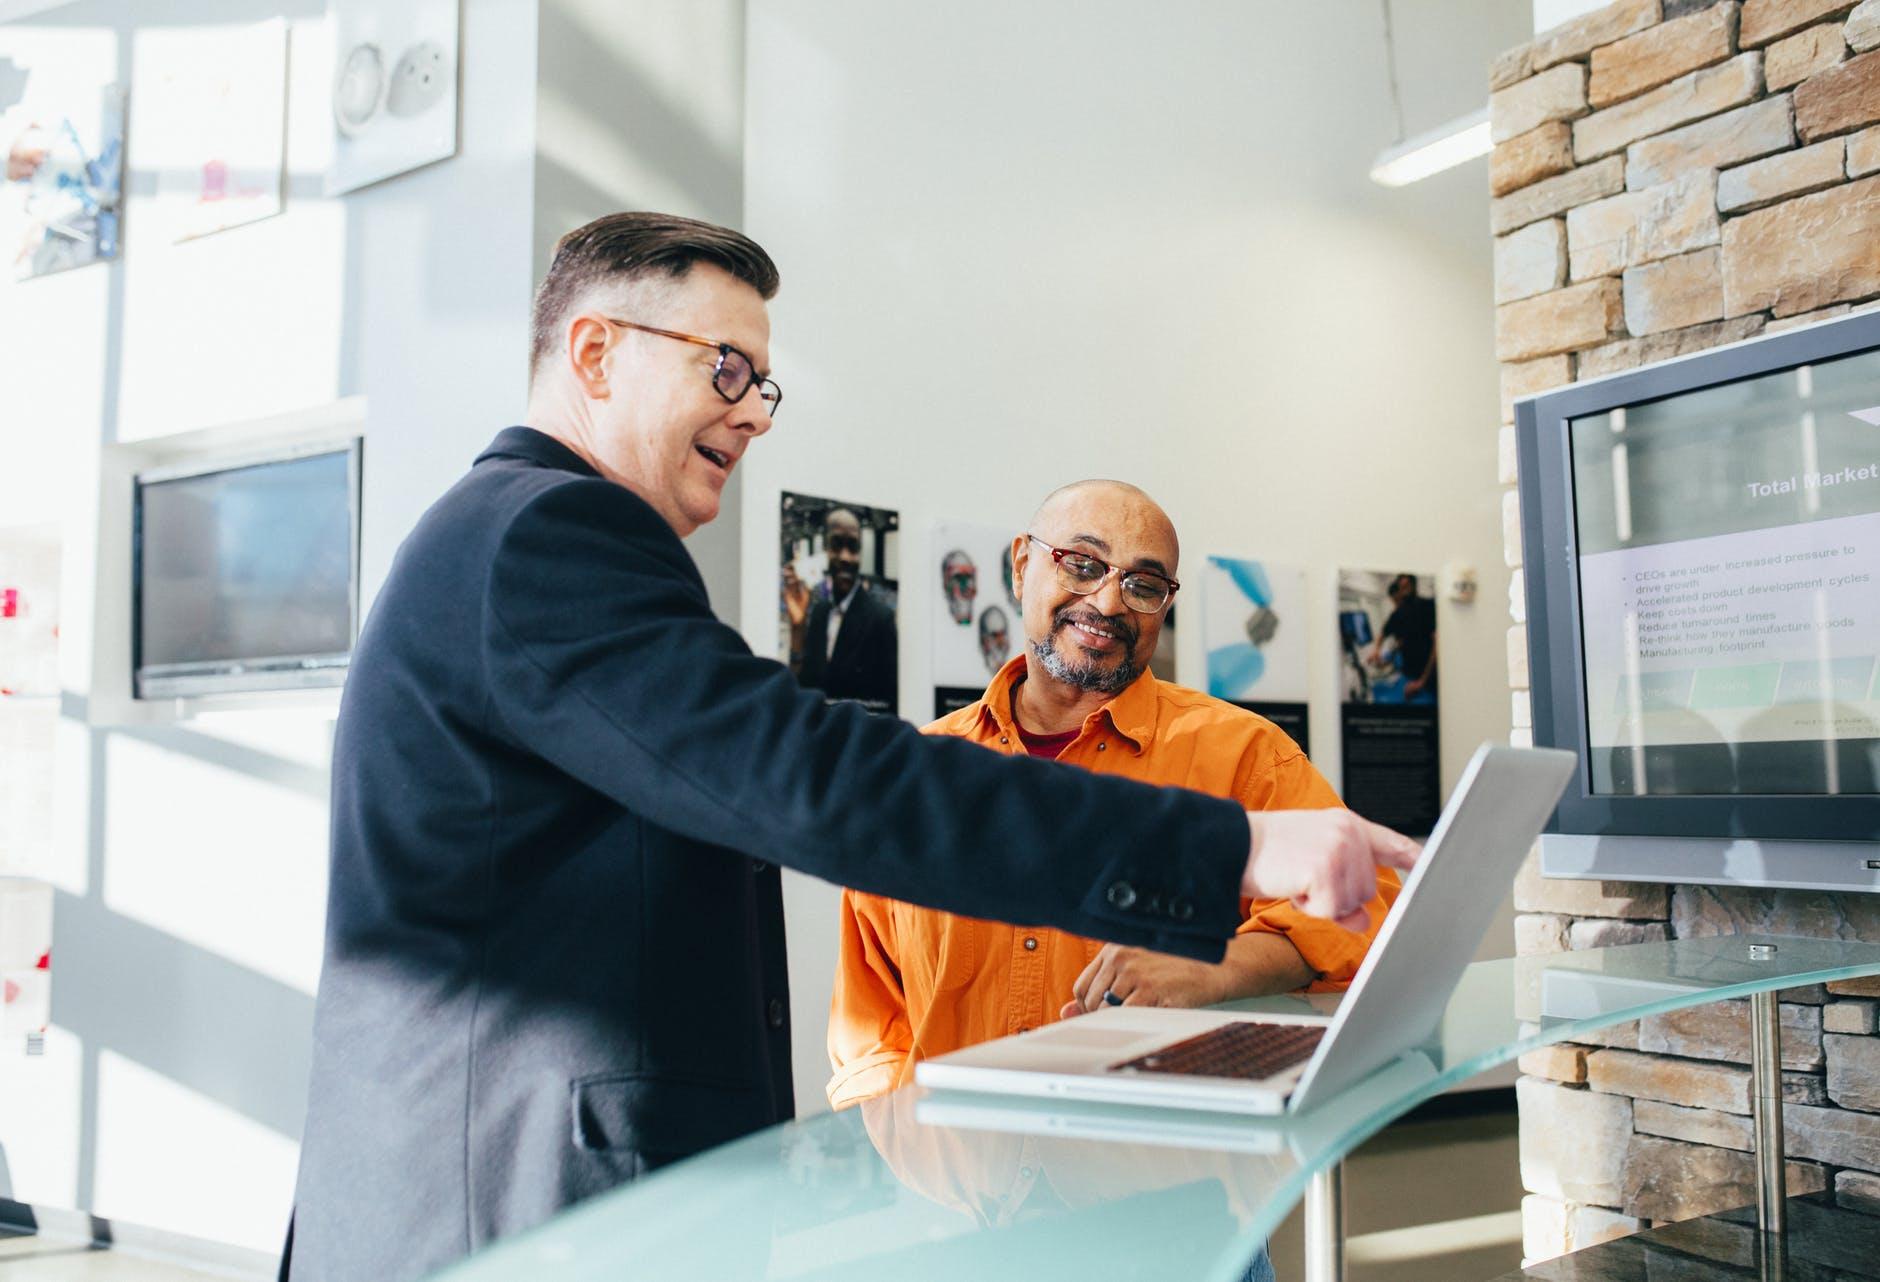 七項關鍵業務技巧讓你成為超級銷售員